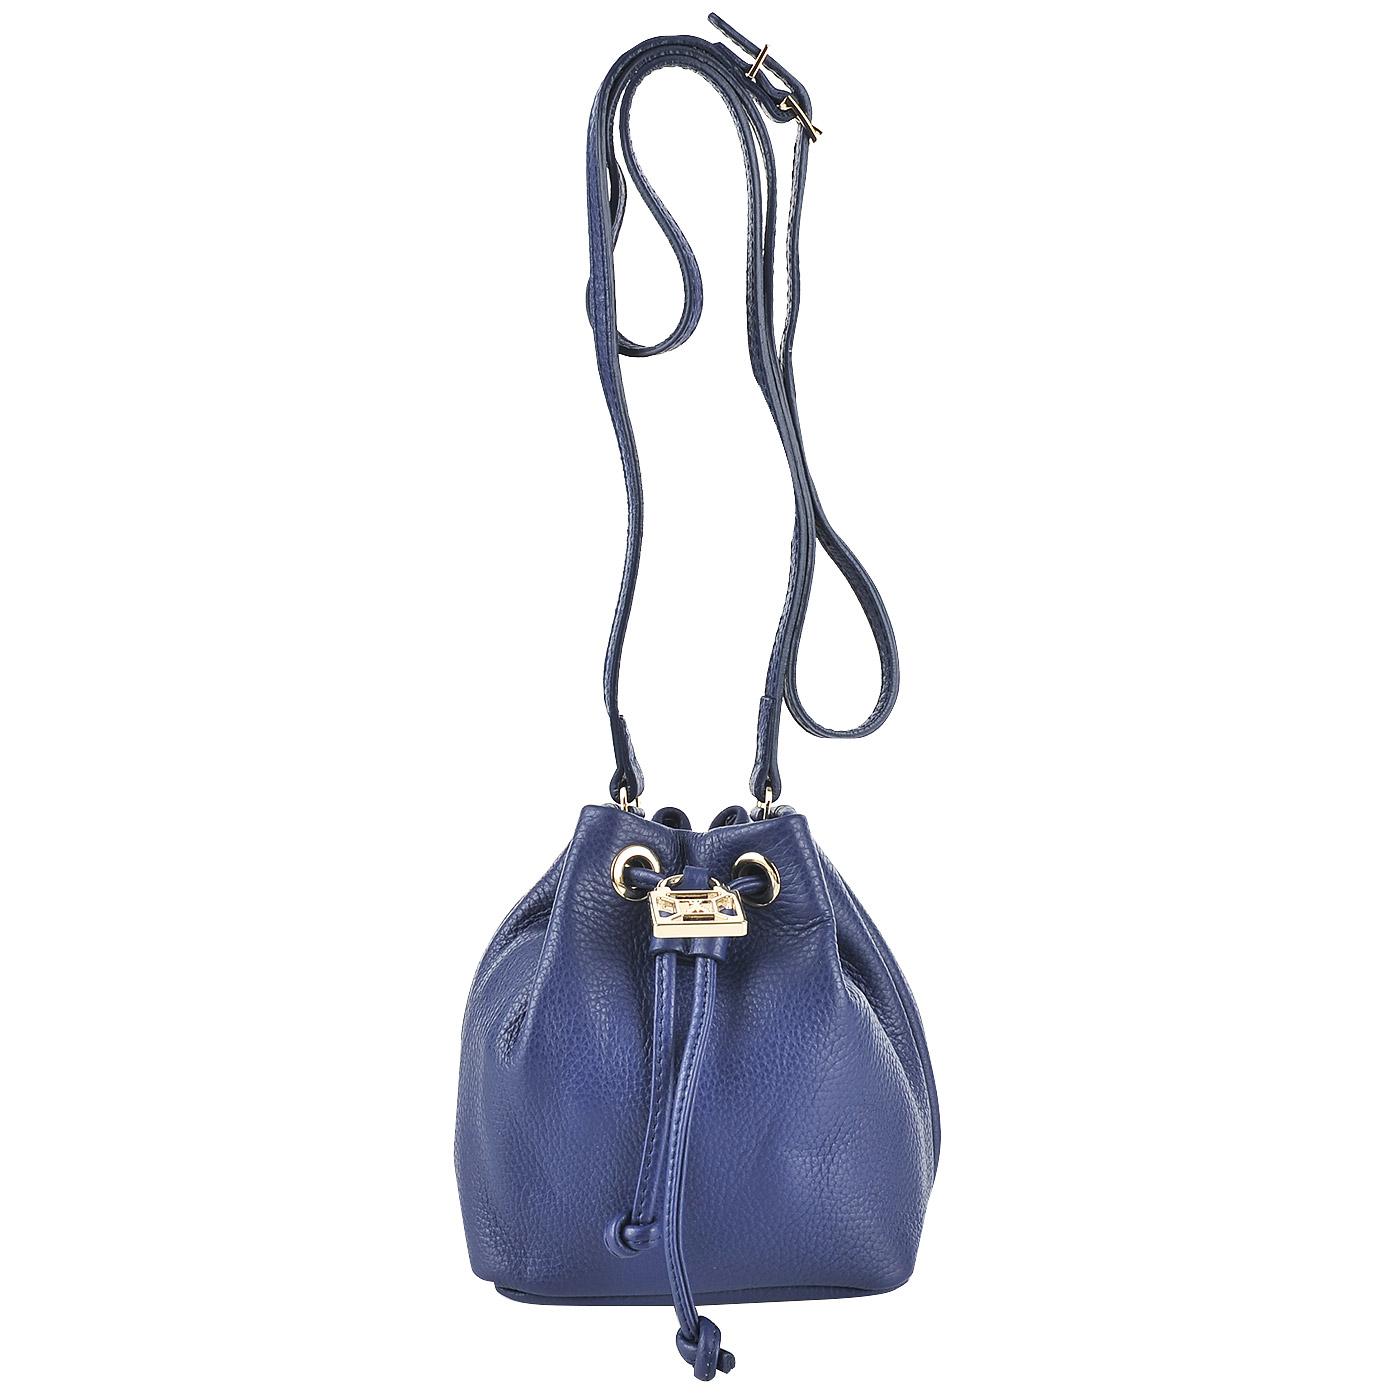 8f1fdadf3533 ... Маленькая сумка-торба из натуральной кожи Patrizia Pepe Easy Lock ...